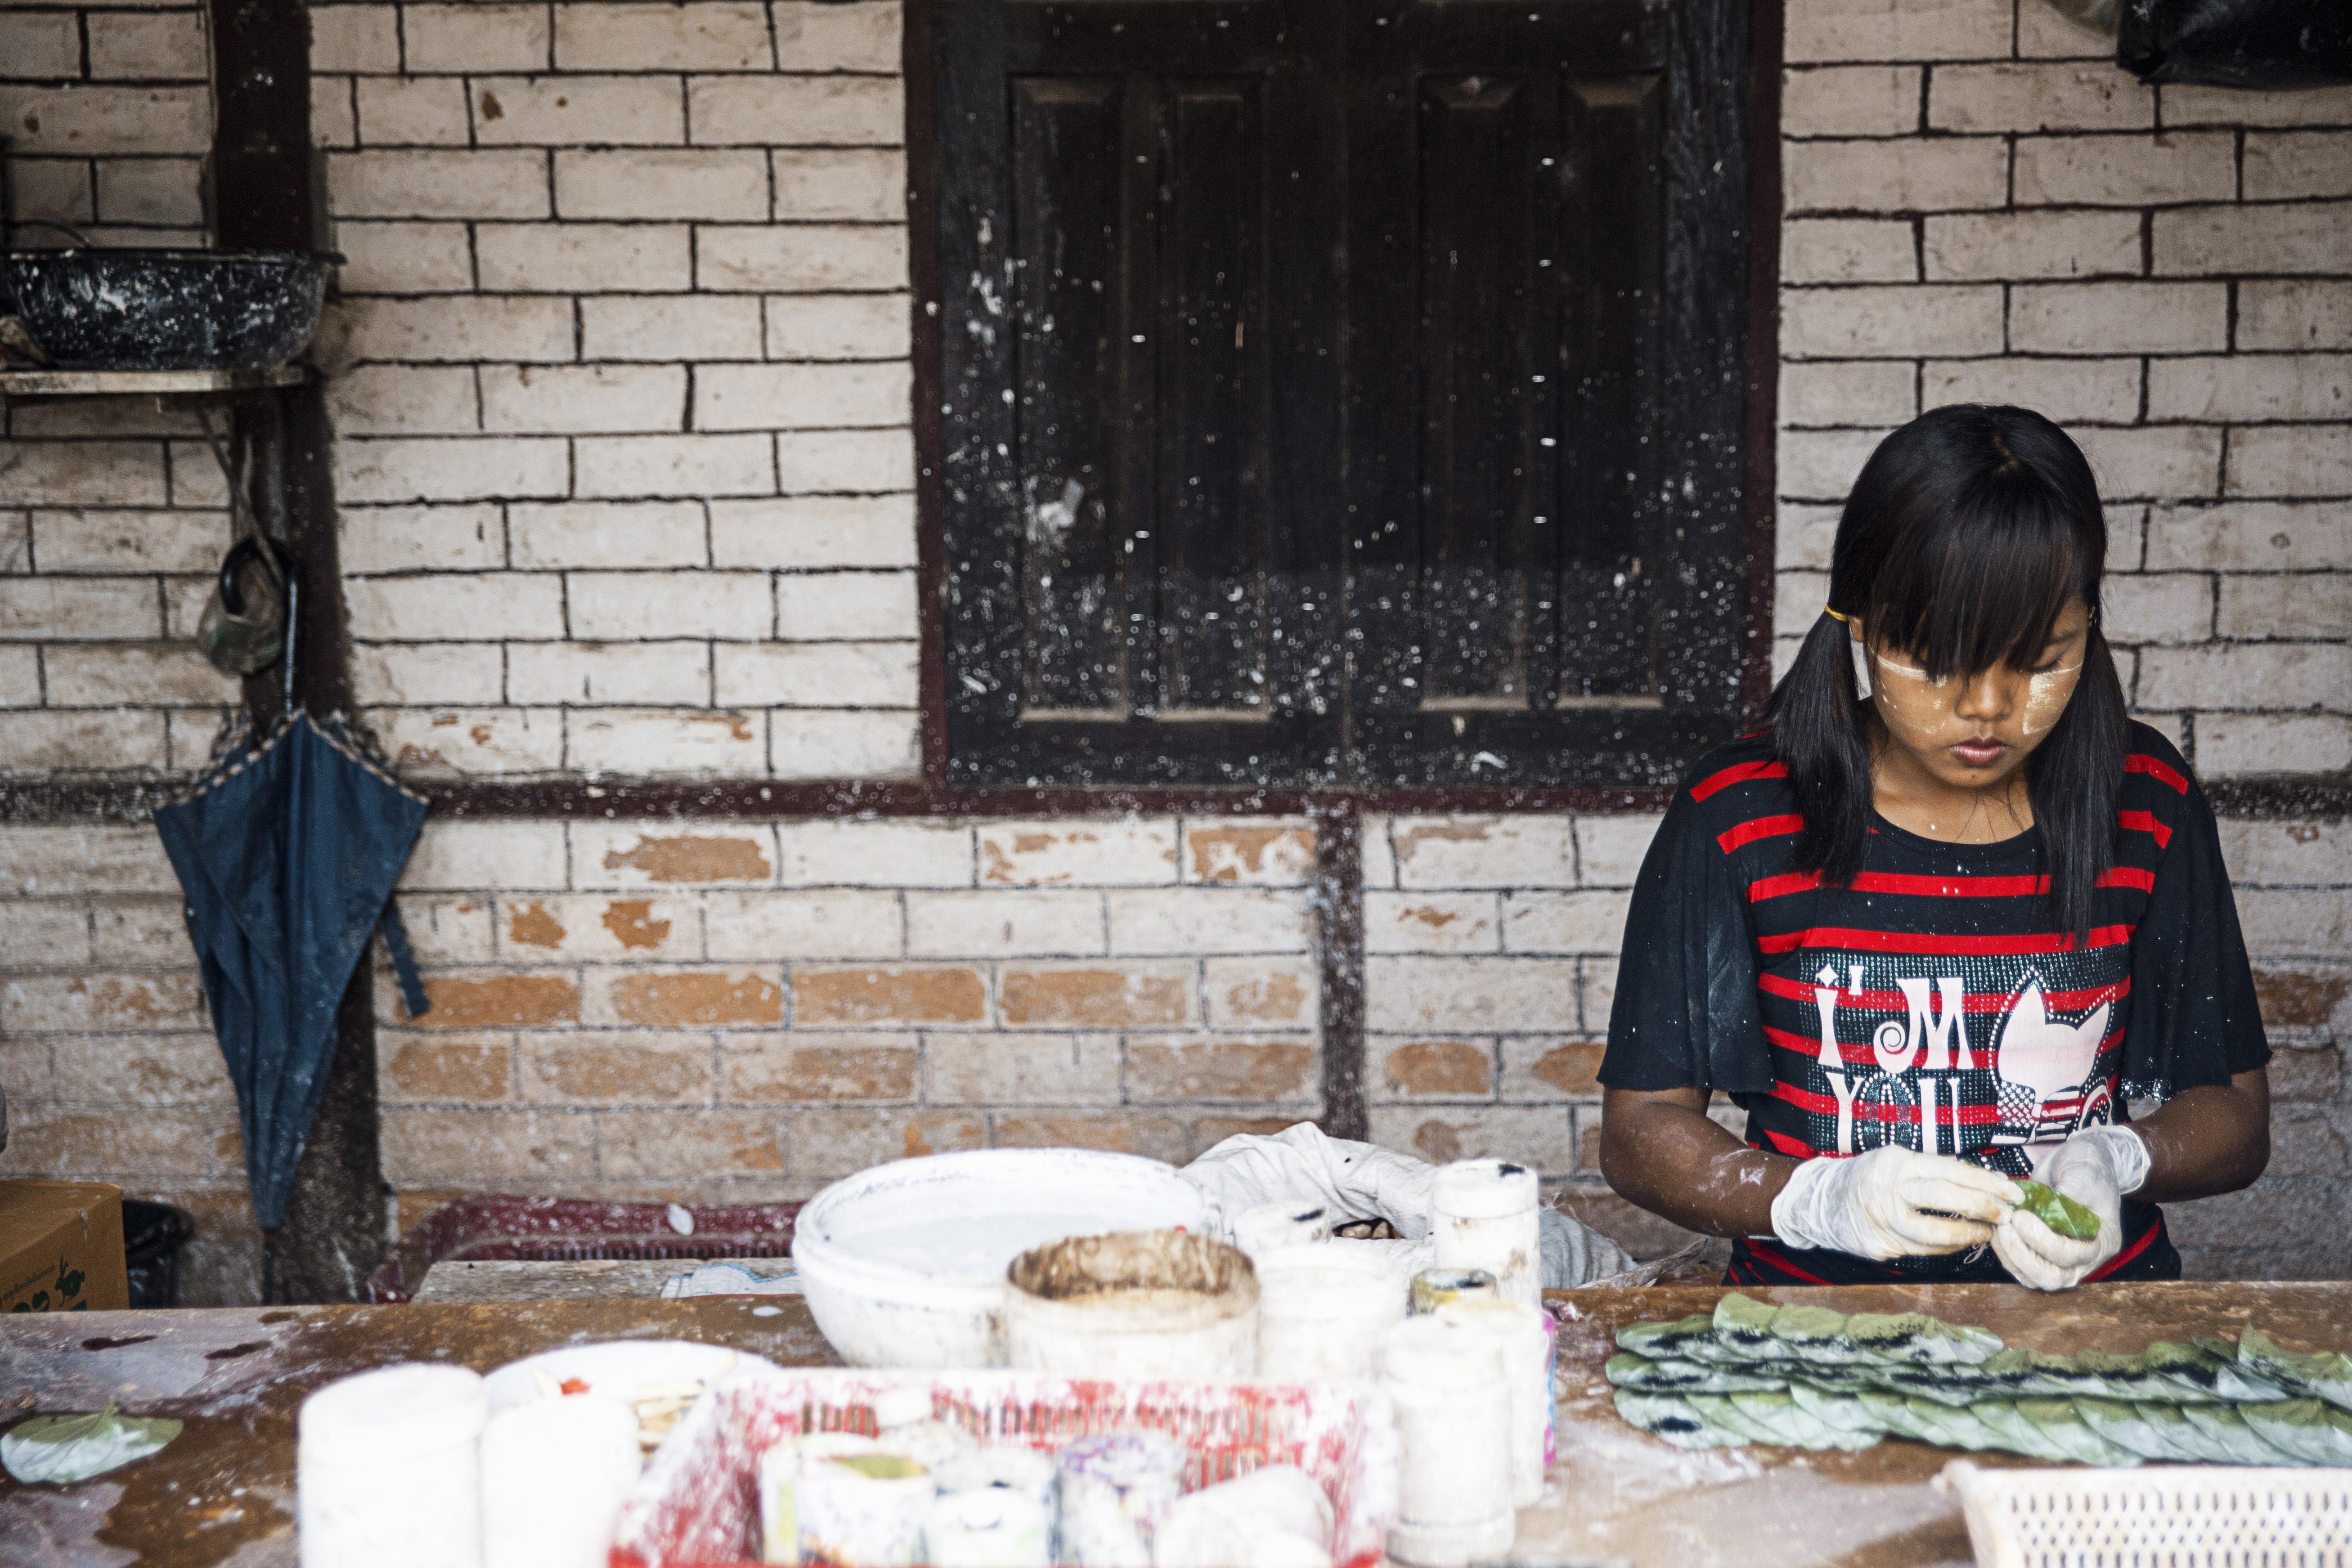 A dark skinned girl doing crafts outside.